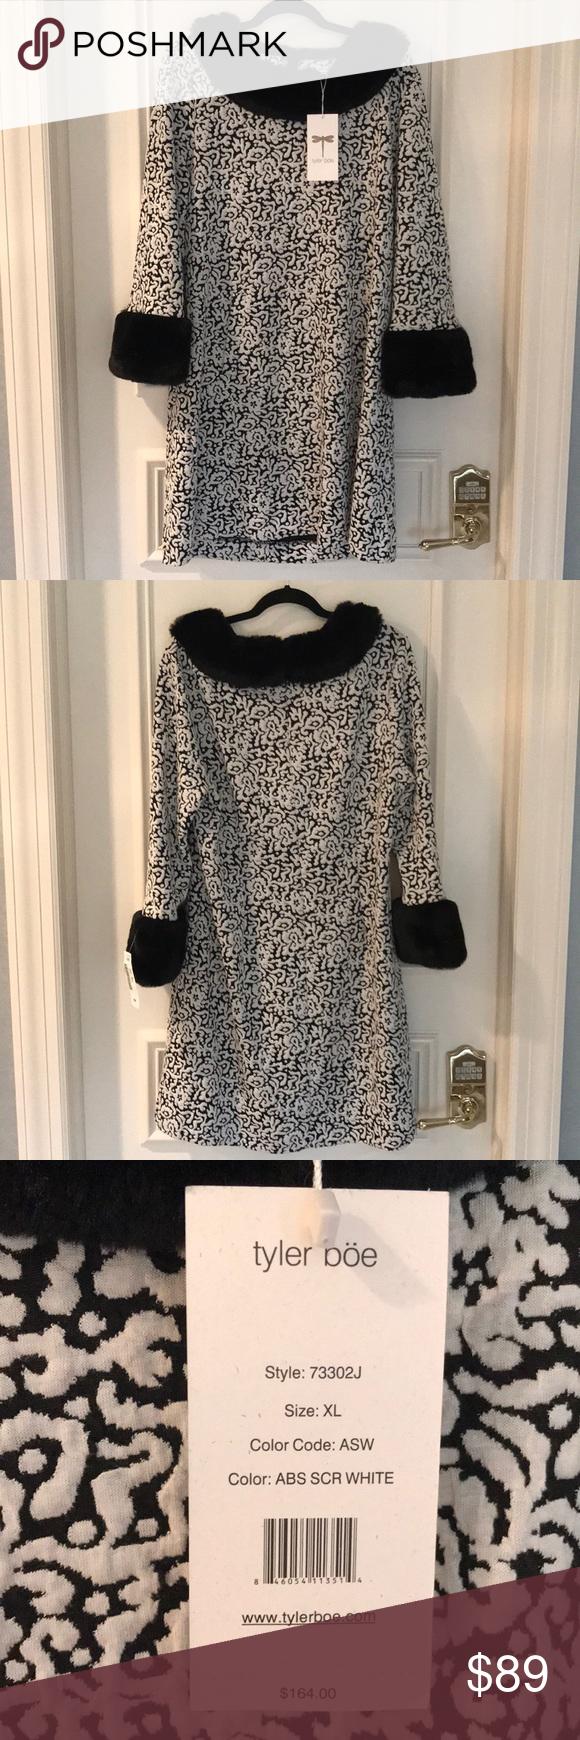 [9+] Tyler Boe Dresses